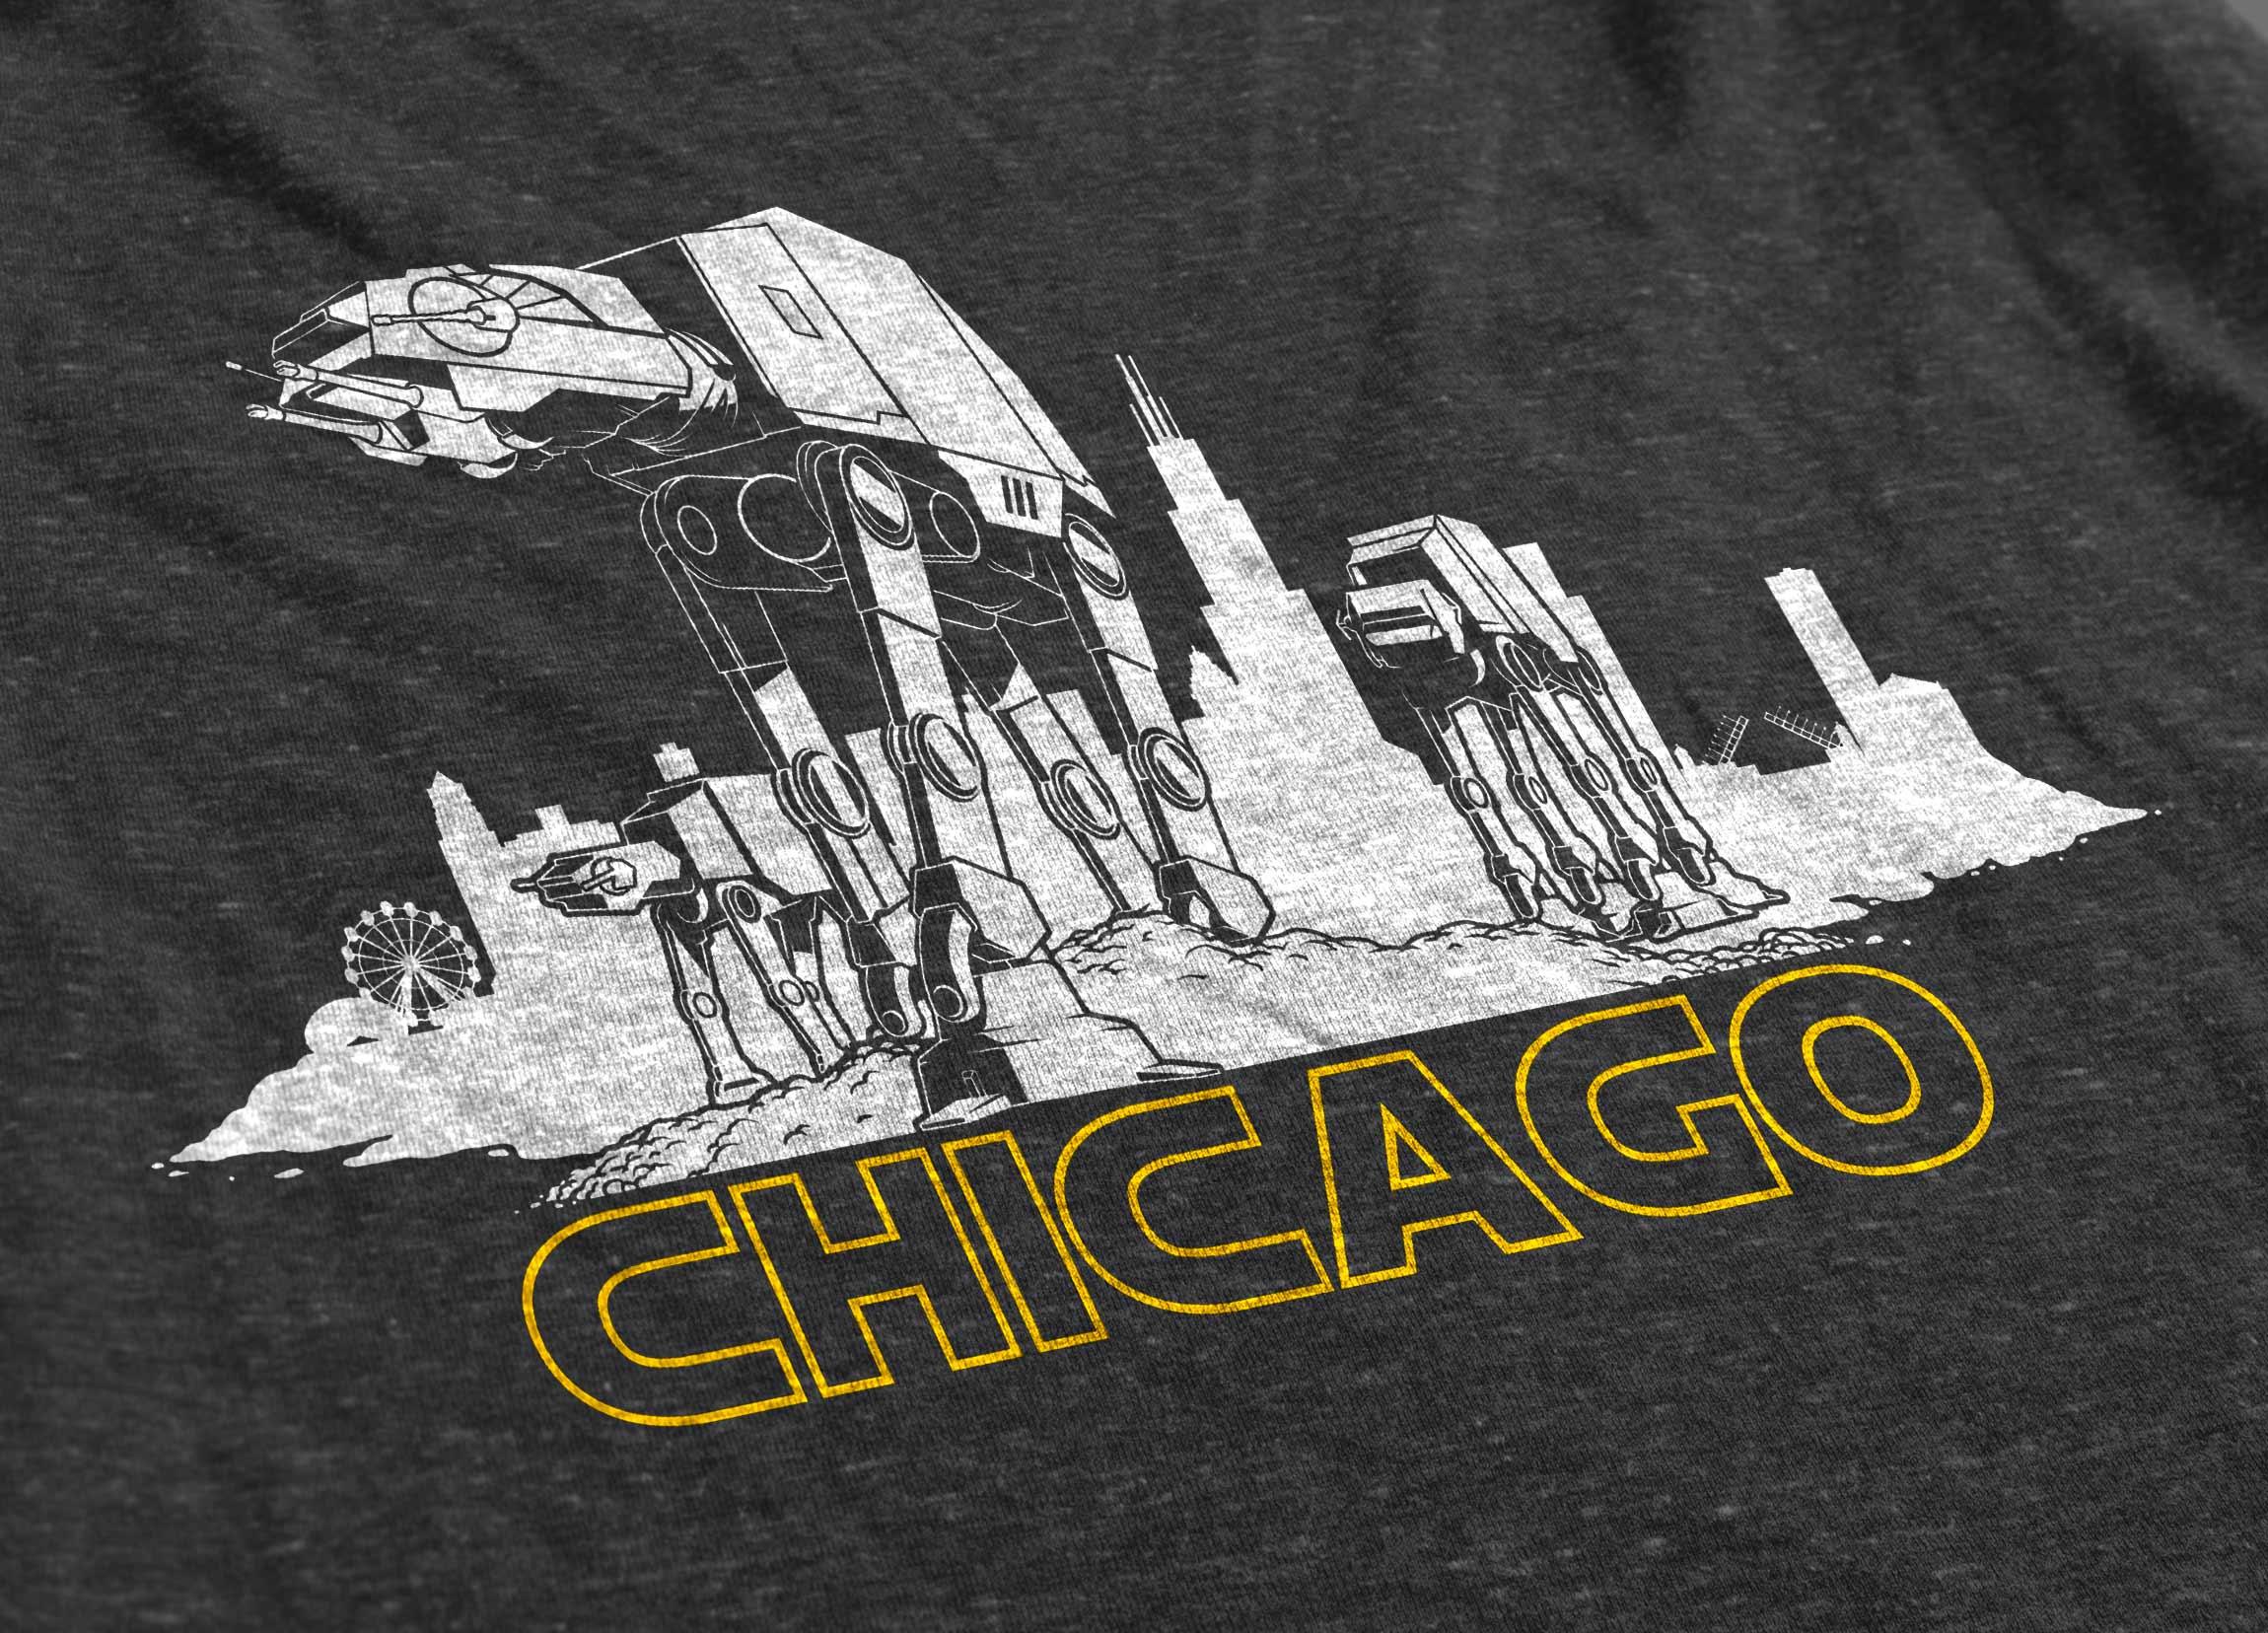 starwars-hoth-chicago-full.jpg